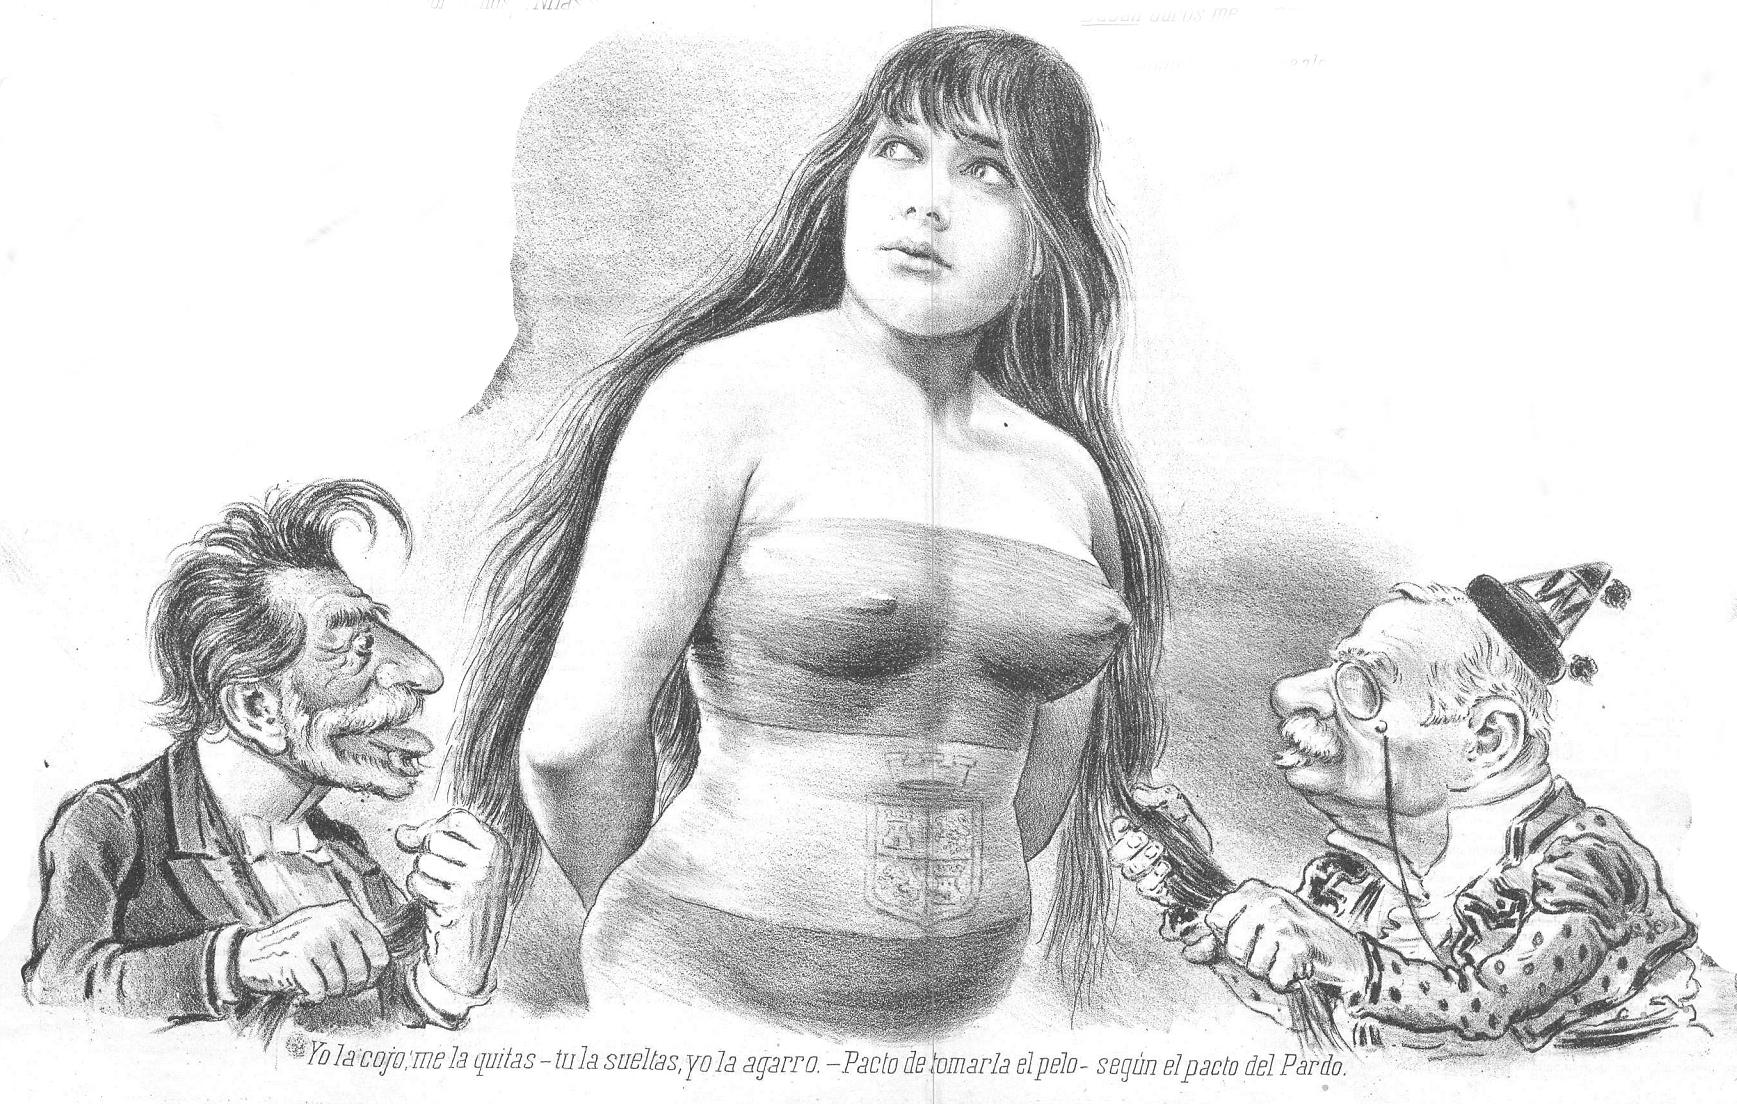 Alegoría de la Primera República Española.